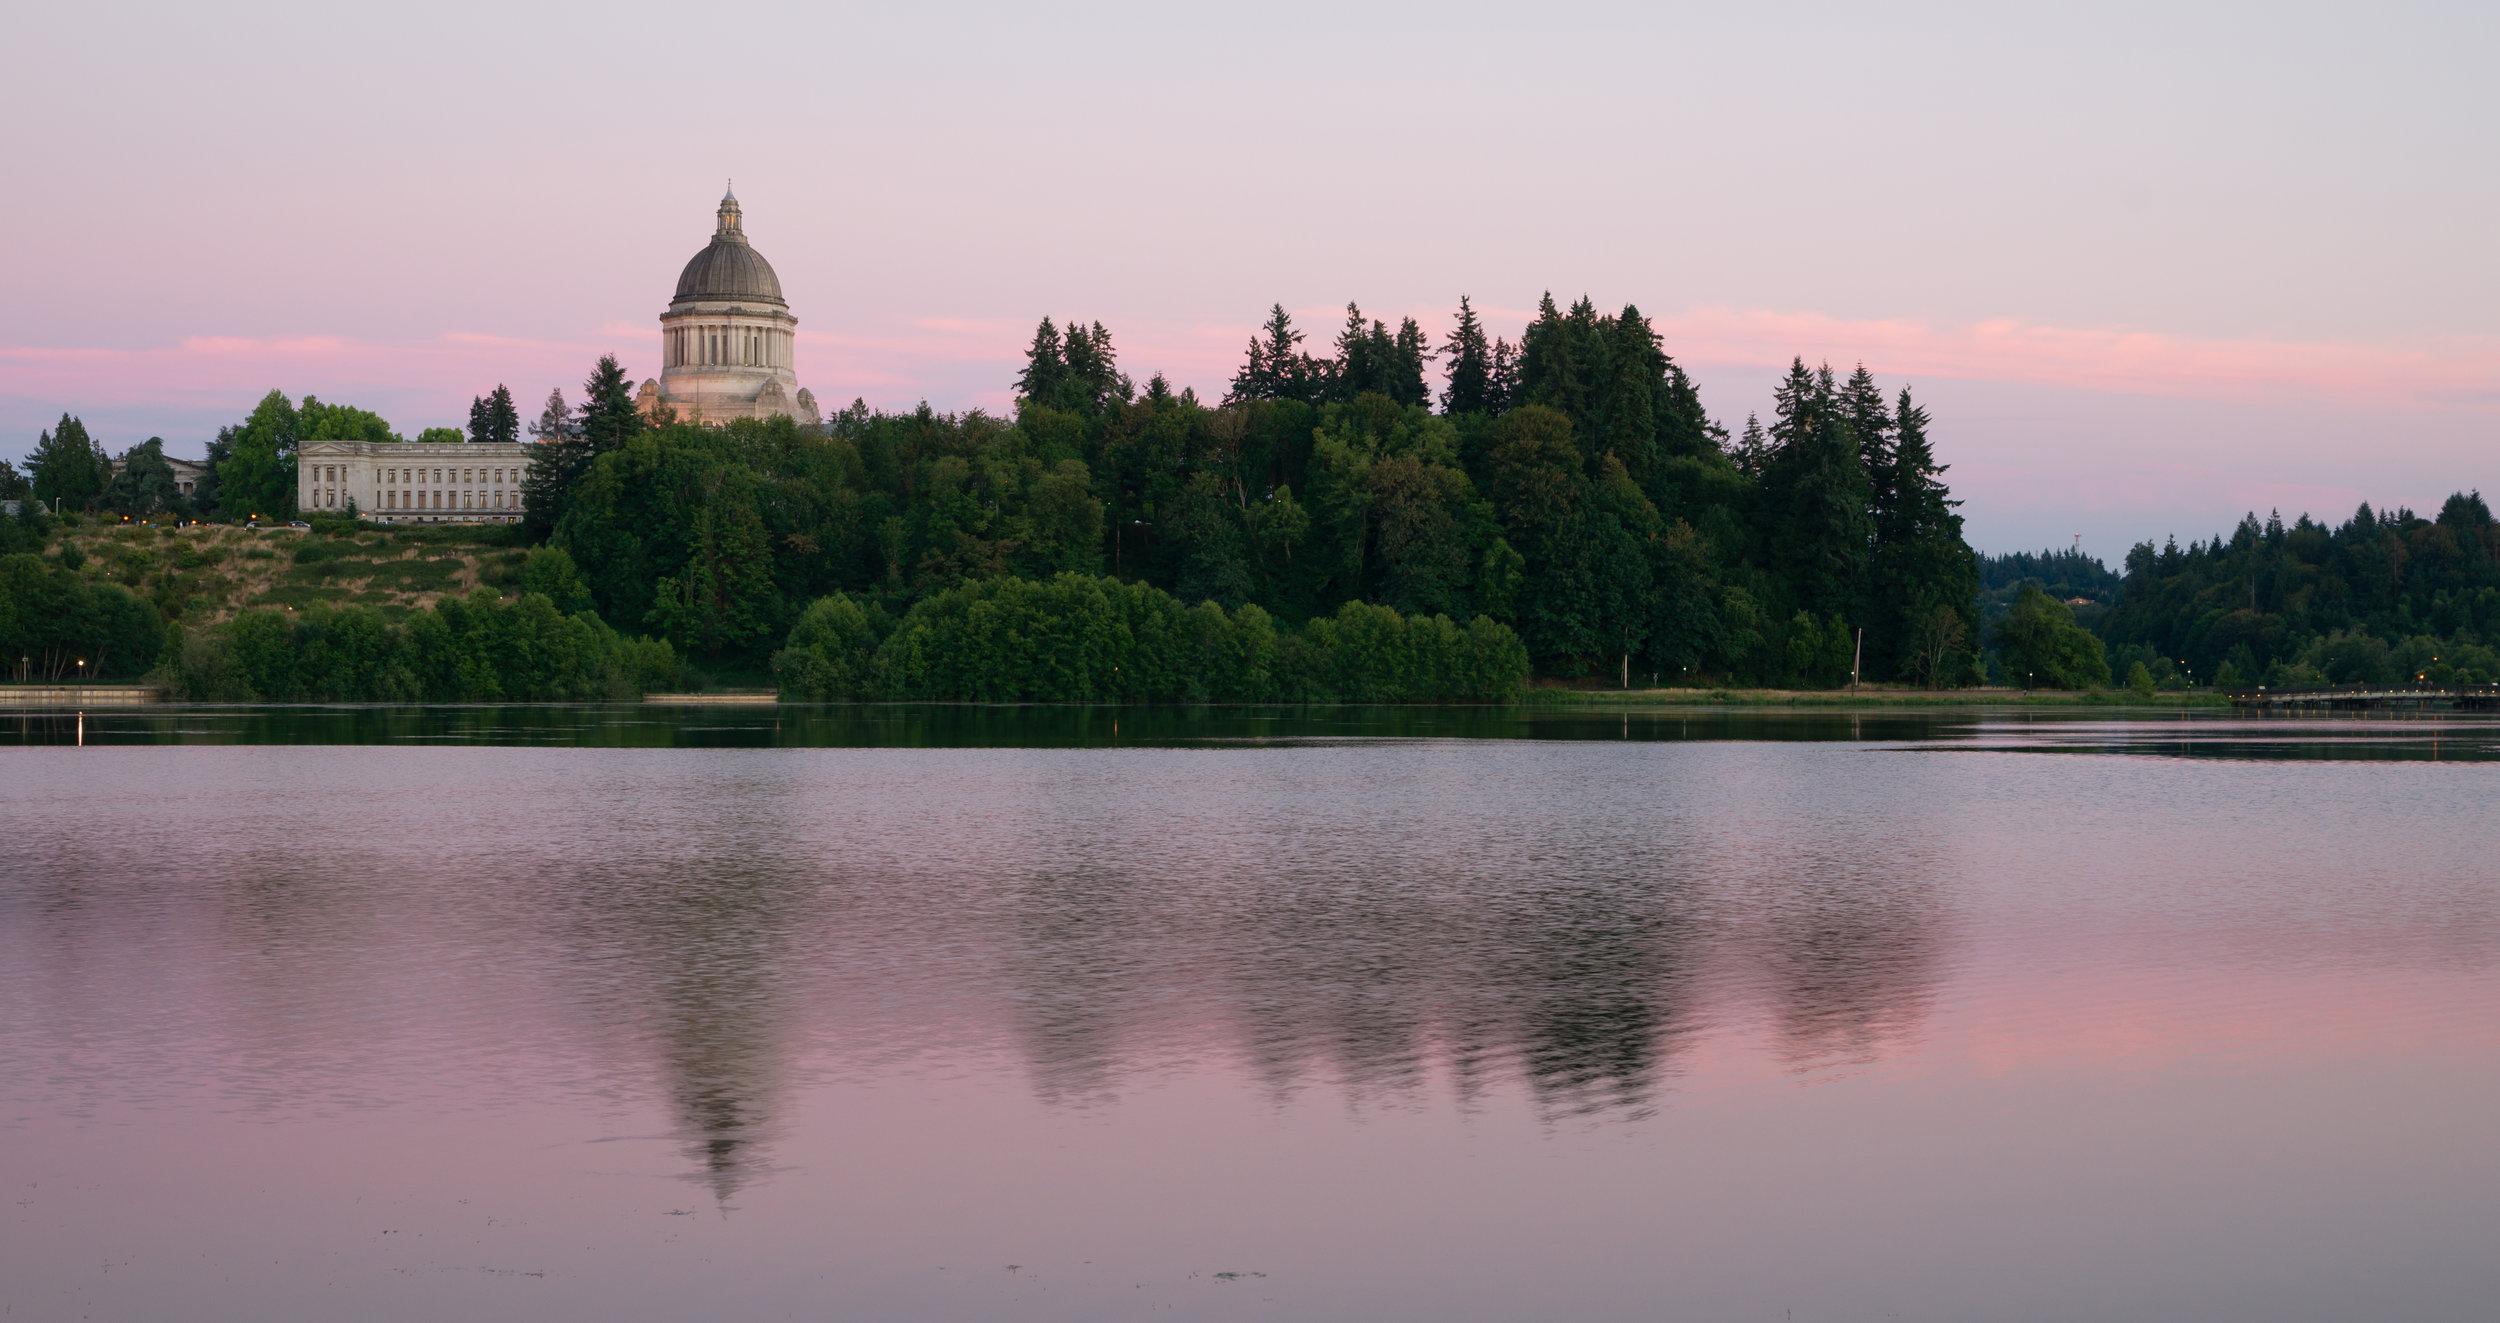 Washington State Capitol Building, Olympia, Wash. (Photo courtesy of Storyblocks).